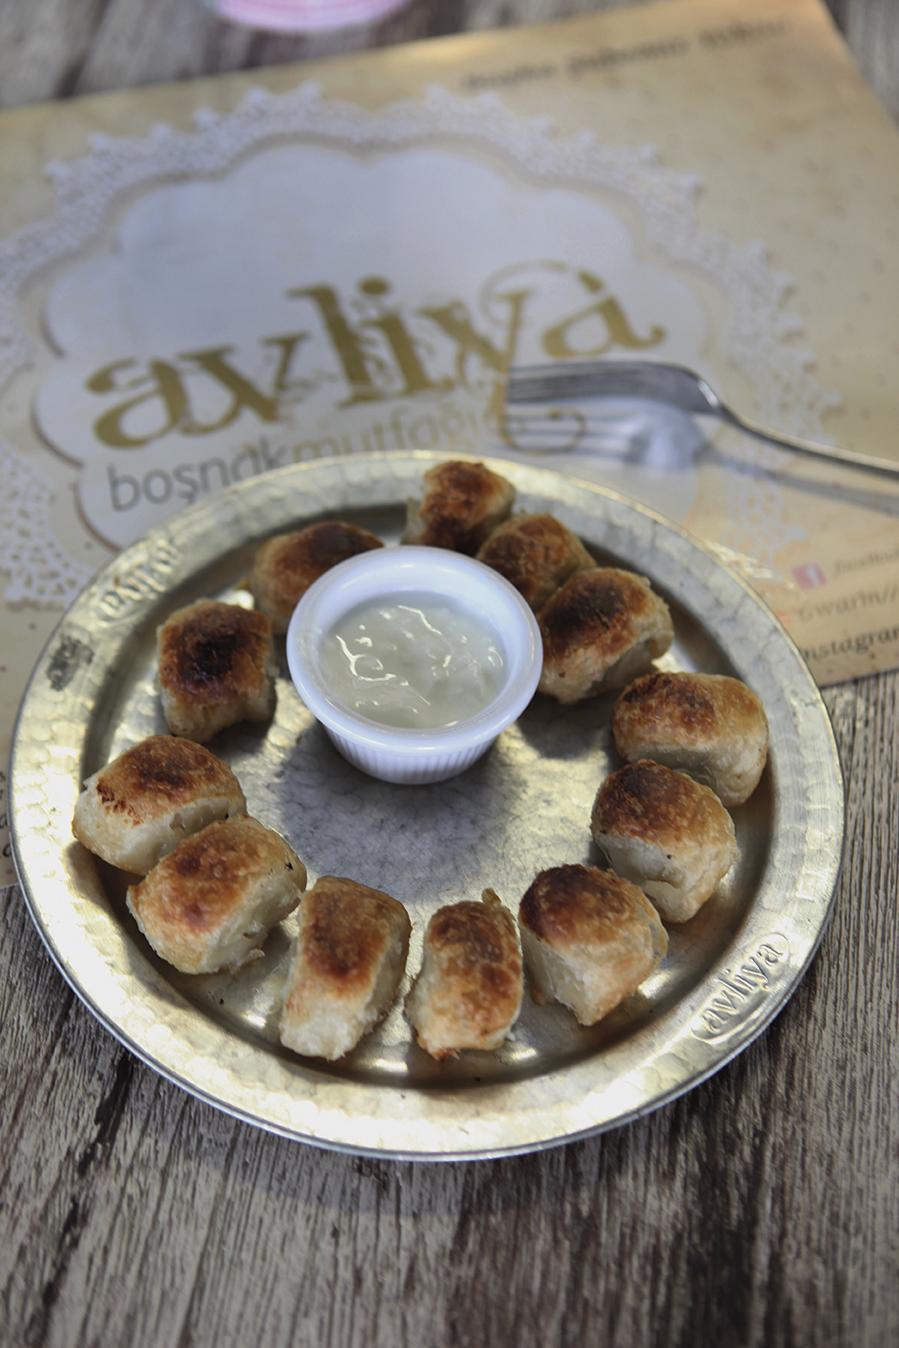 İftar için farklı bir lezzet deneyimi; Avliya Boşnak Mutfağı...